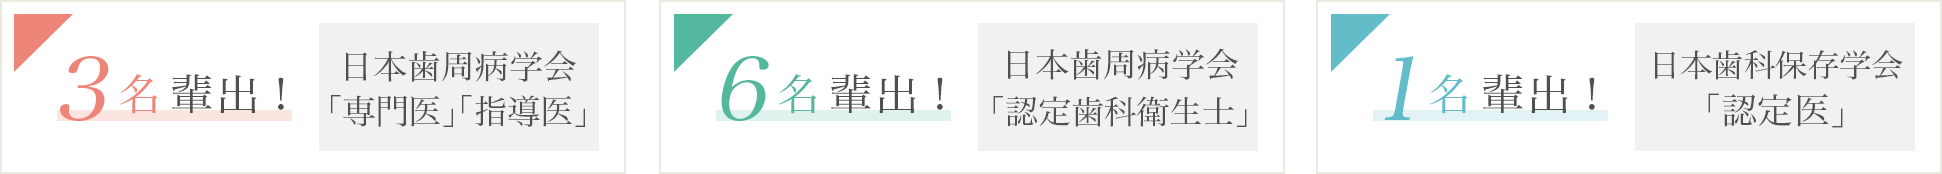 日本歯周病学会「専門医」「指導医」3名輩出 / 日本歯周病学会「認定歯科衛生士」6名輩出 / 日本歯科保存学会「認定医」1名輩出